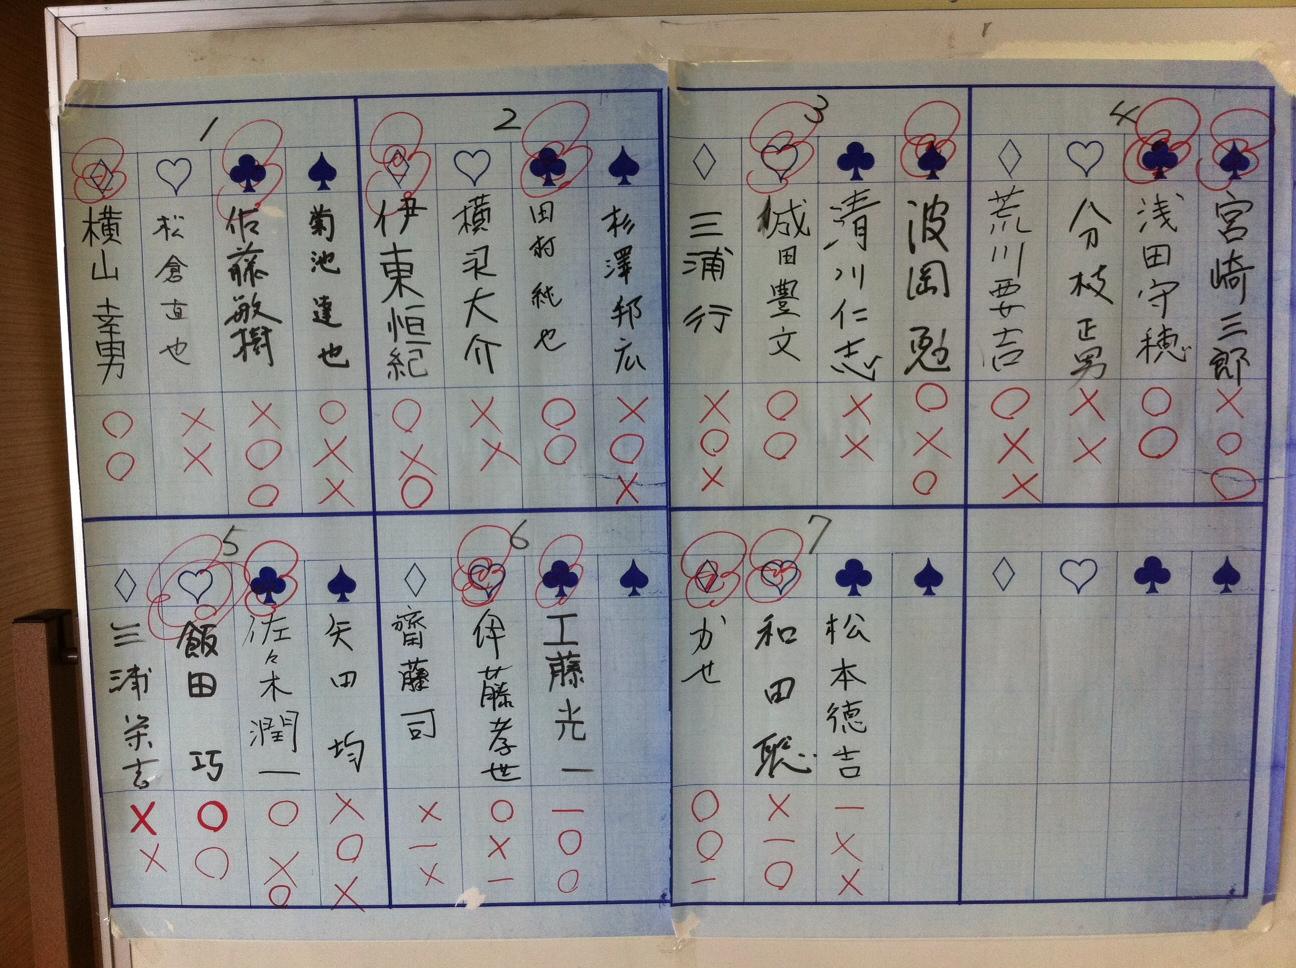 アマ名人予選会 予選リーグ結果